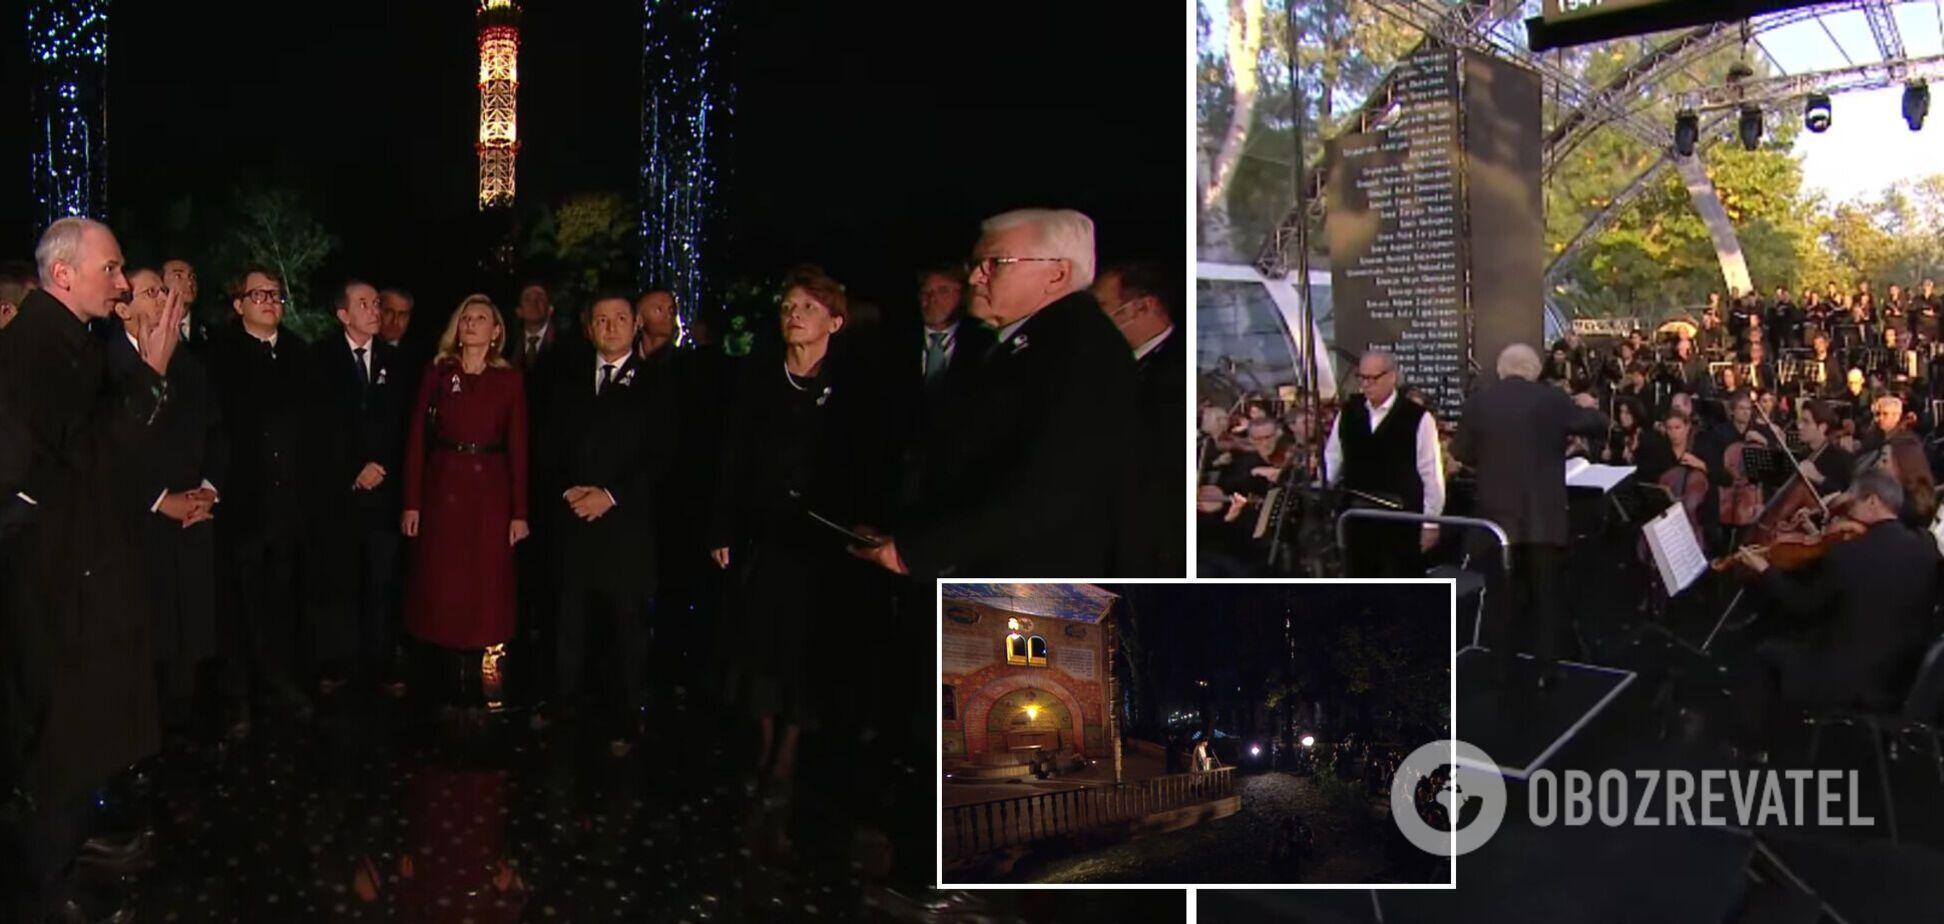 У Києві почалася офіційна церемонія вшанування пам'яті жертв Бабиного Яру. Онлайн-трансляція